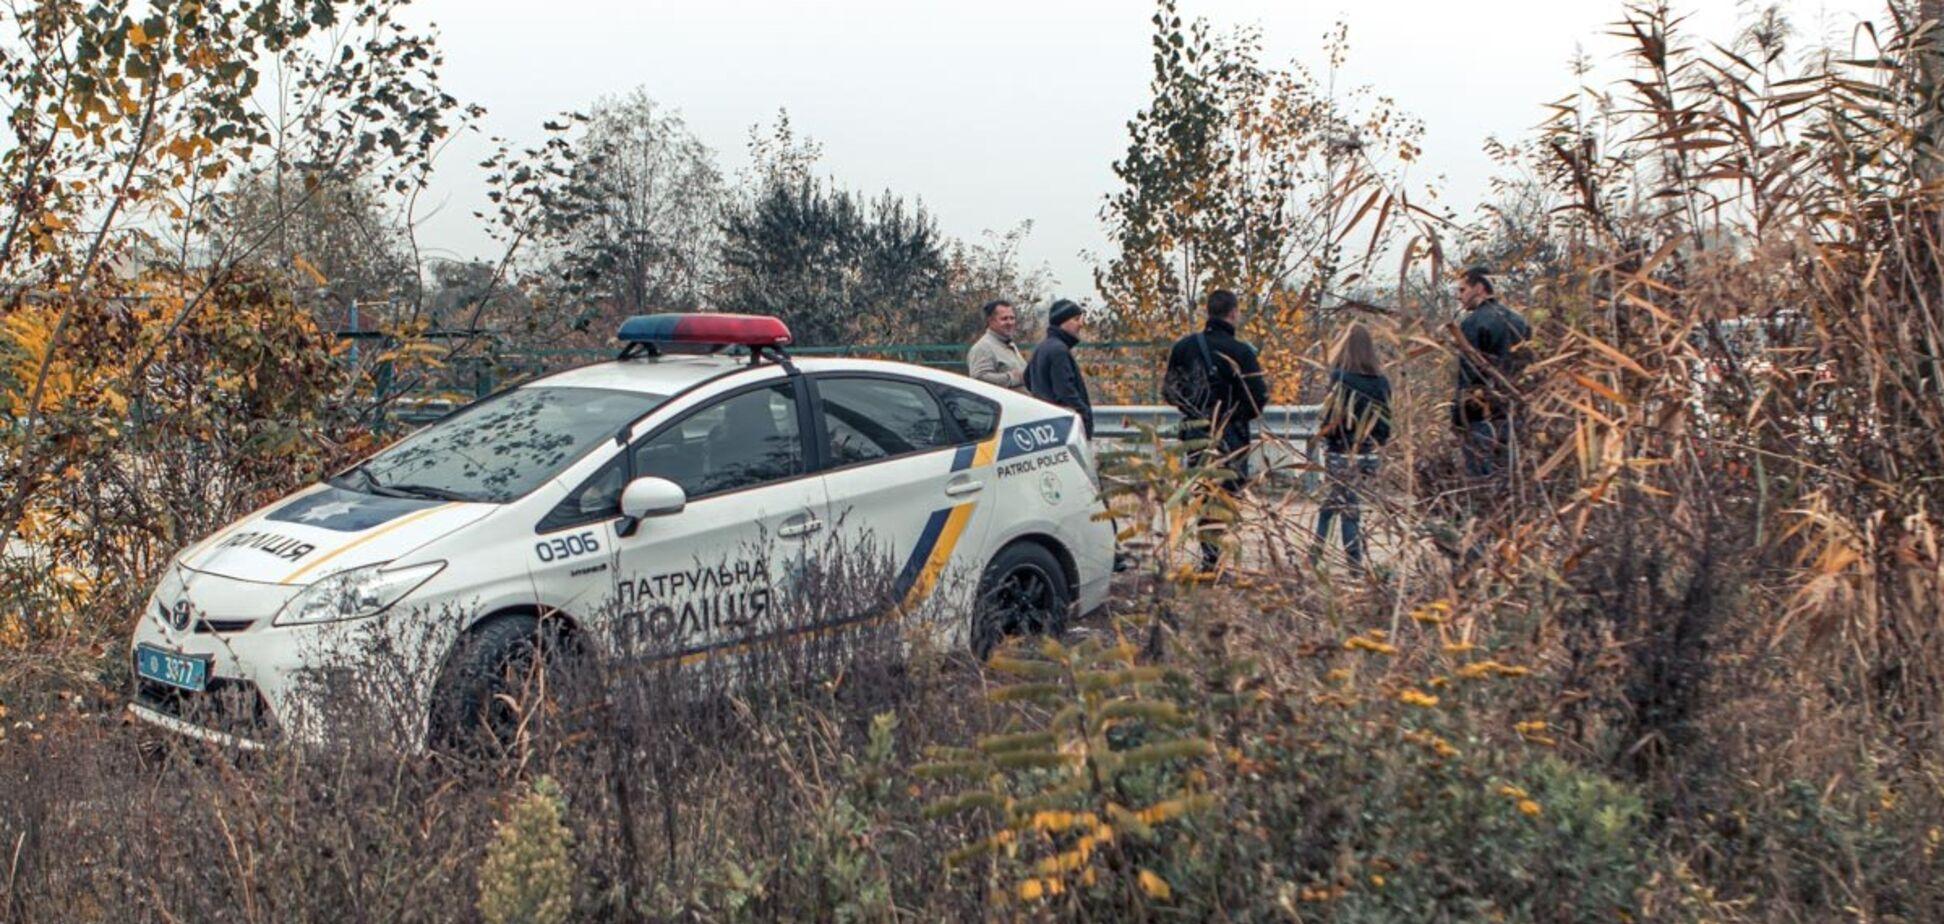 Під Дніпром знайшли труп жінки з мотузкою на шиї. Фото 18+